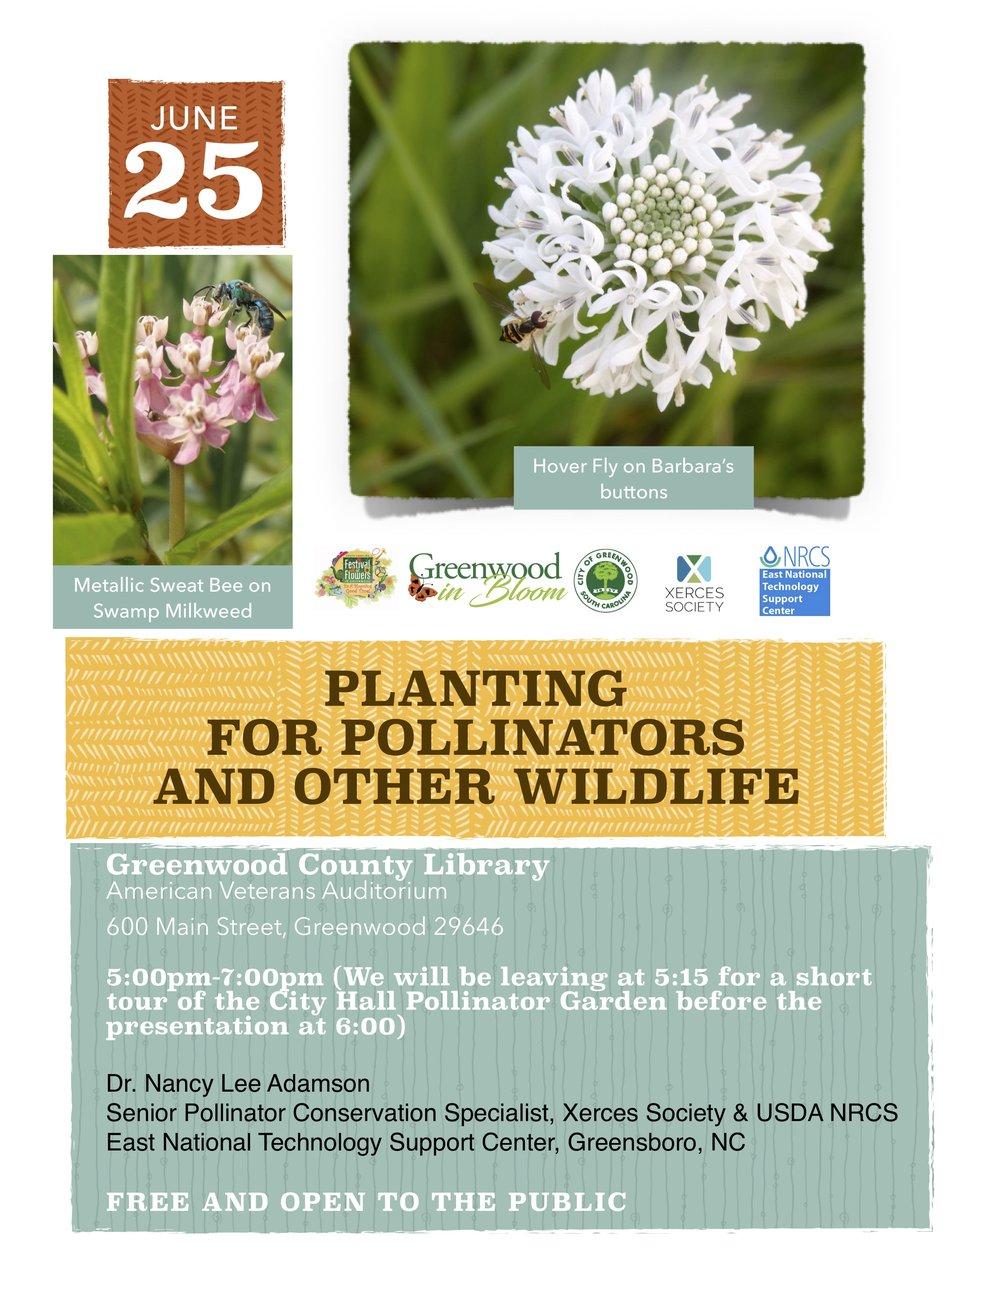 Pollinator talk 42518.jpg